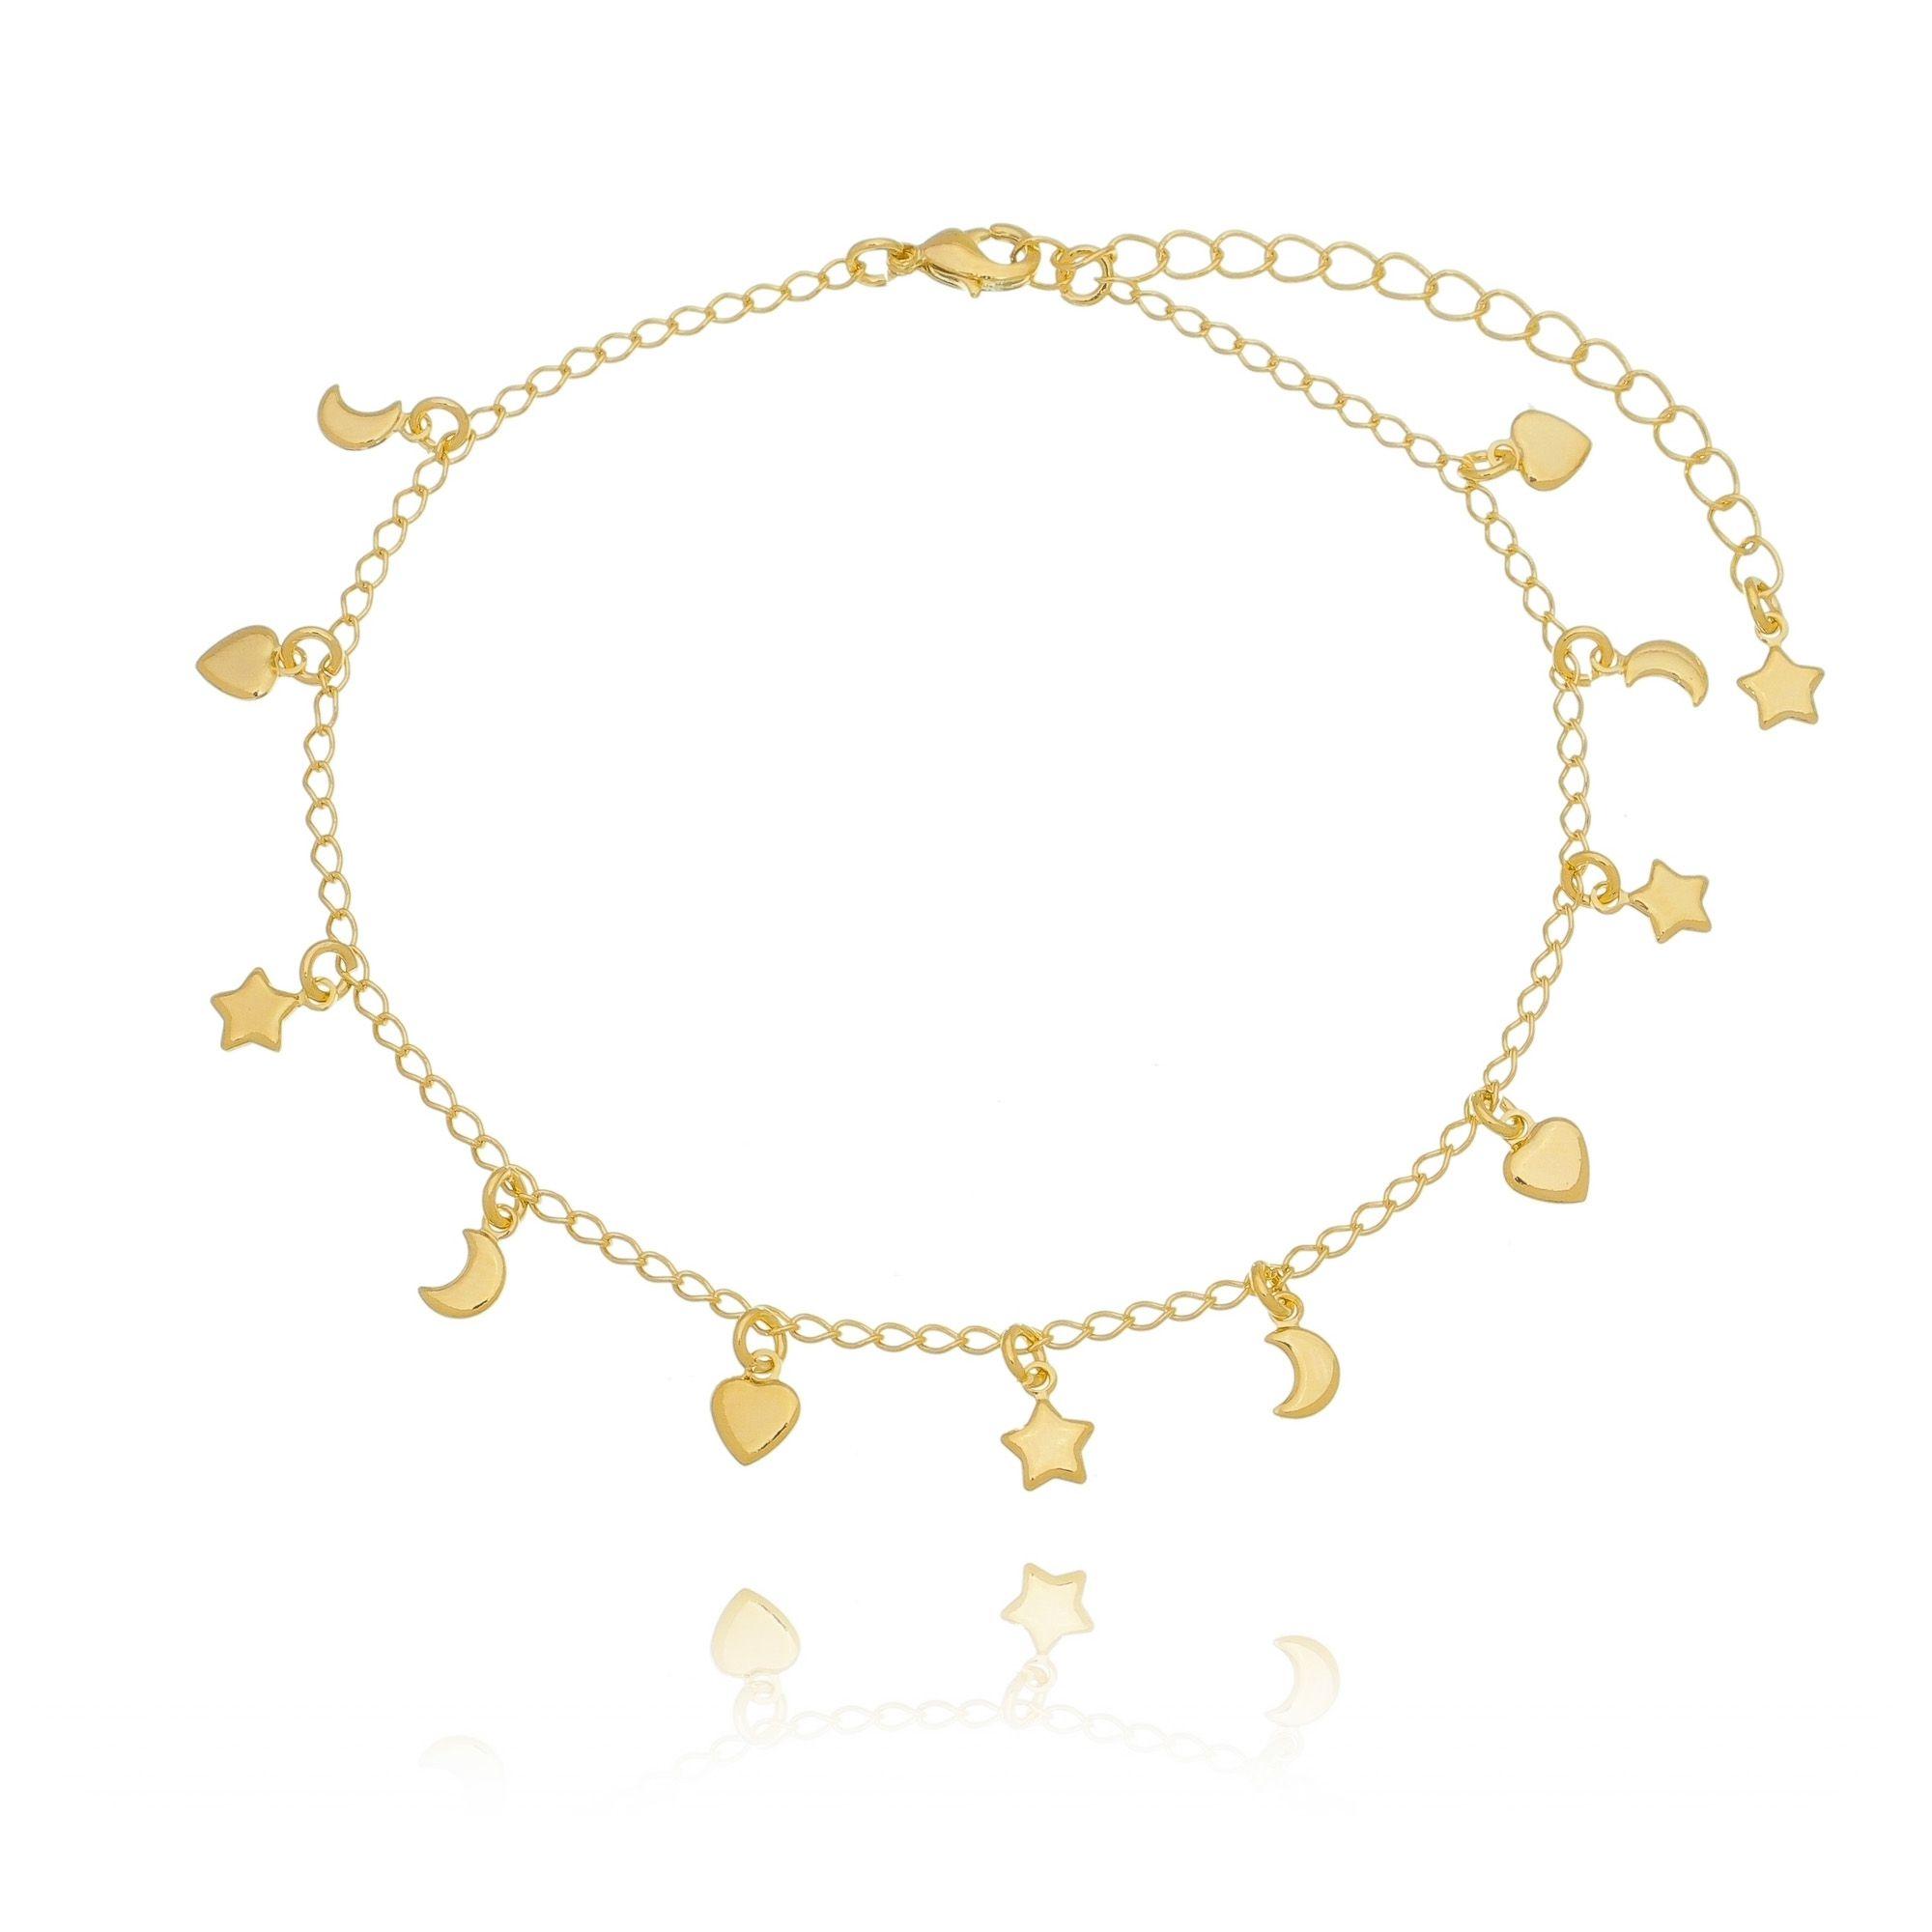 Tornozeleira de Coração, Estrela e Lua Dourada em Ouro 18K  - Soloyou